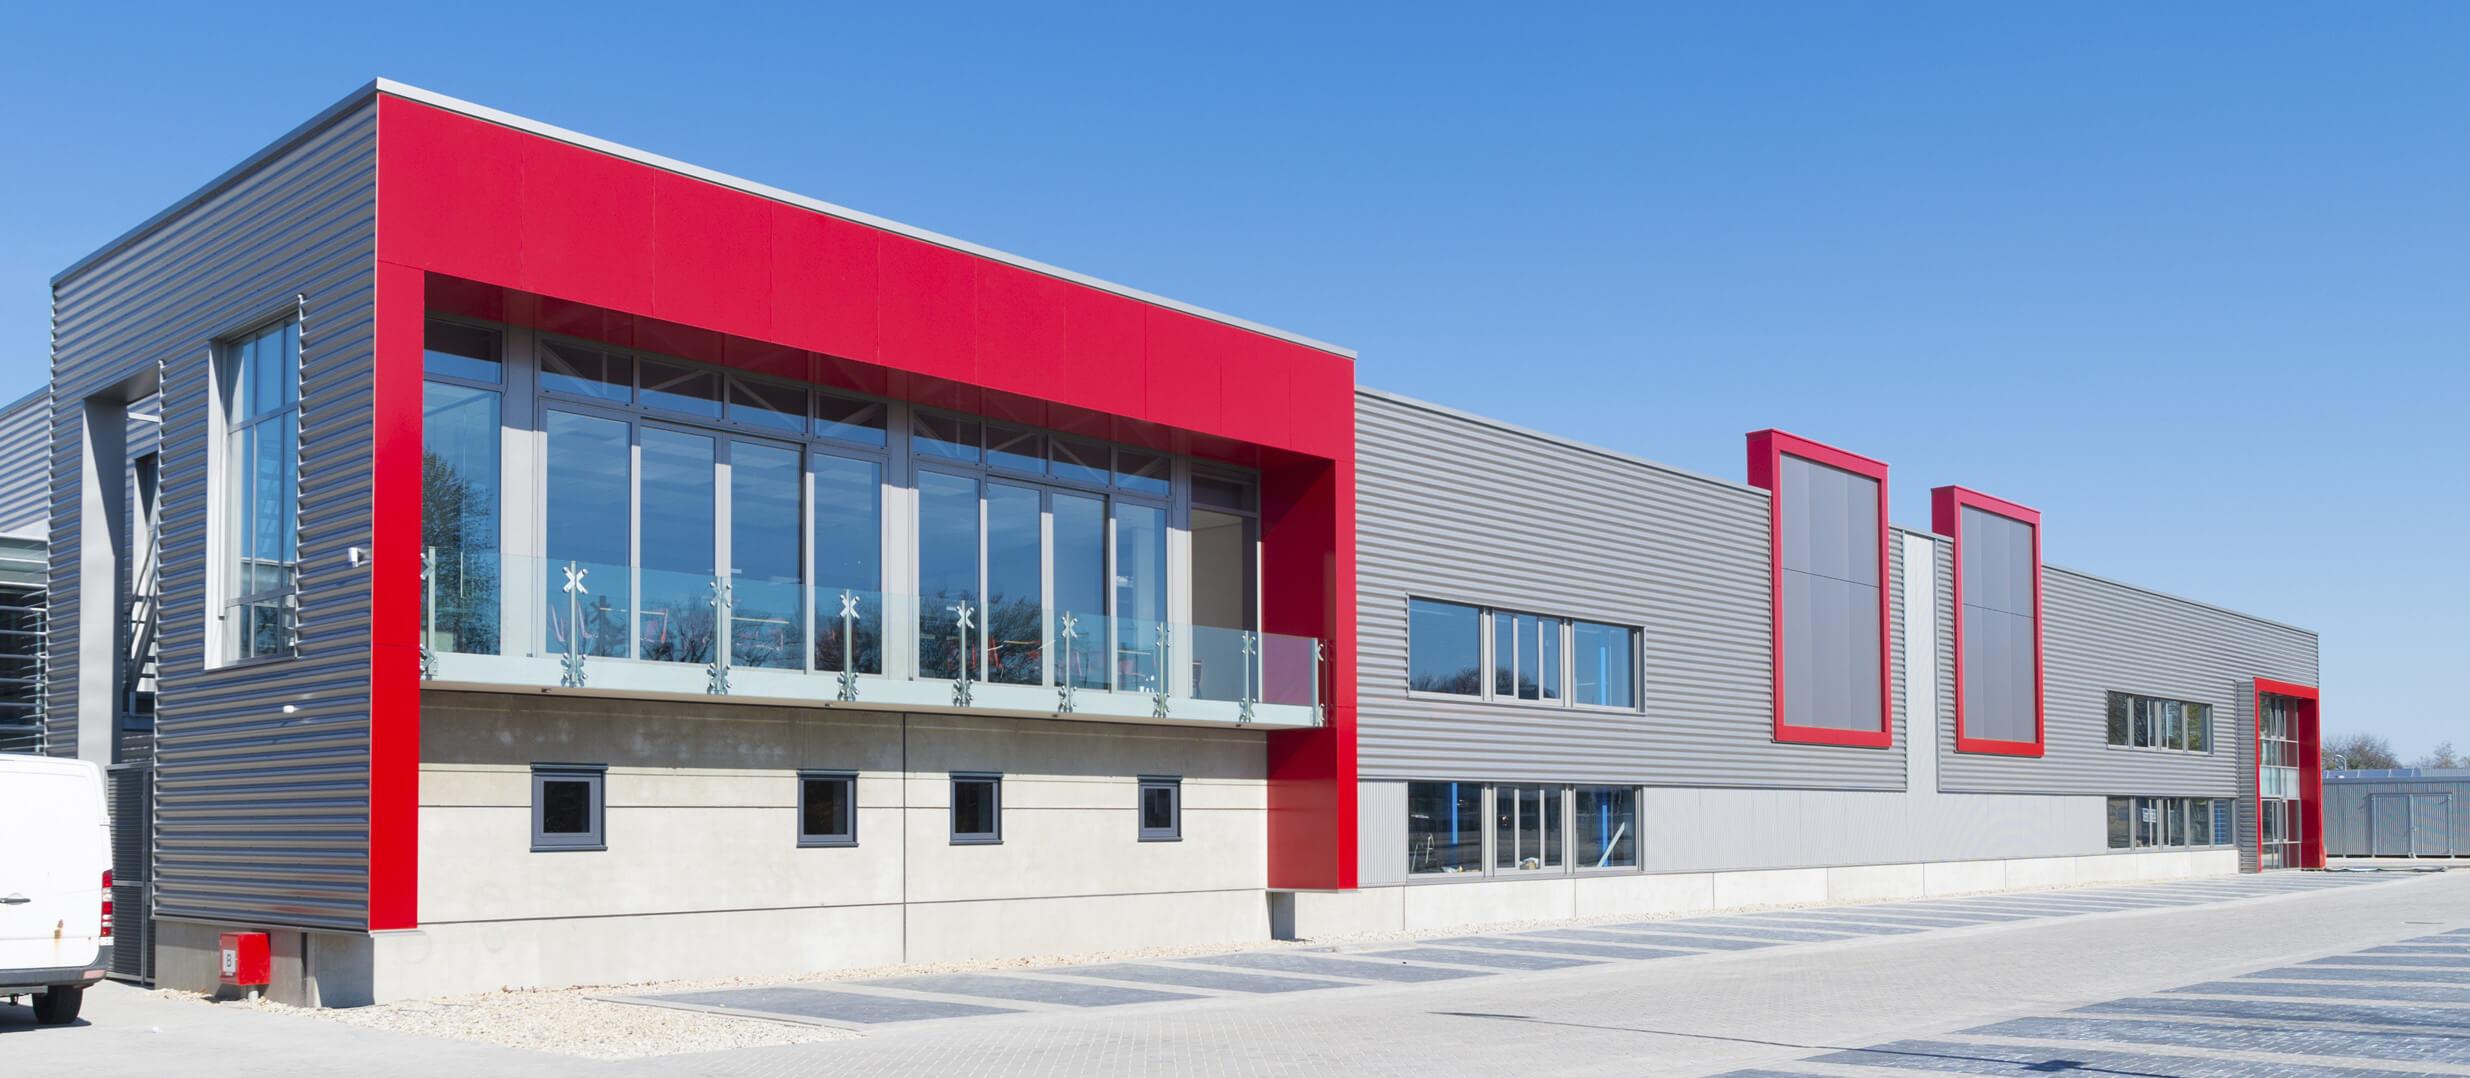 Commercial Building Slider Image